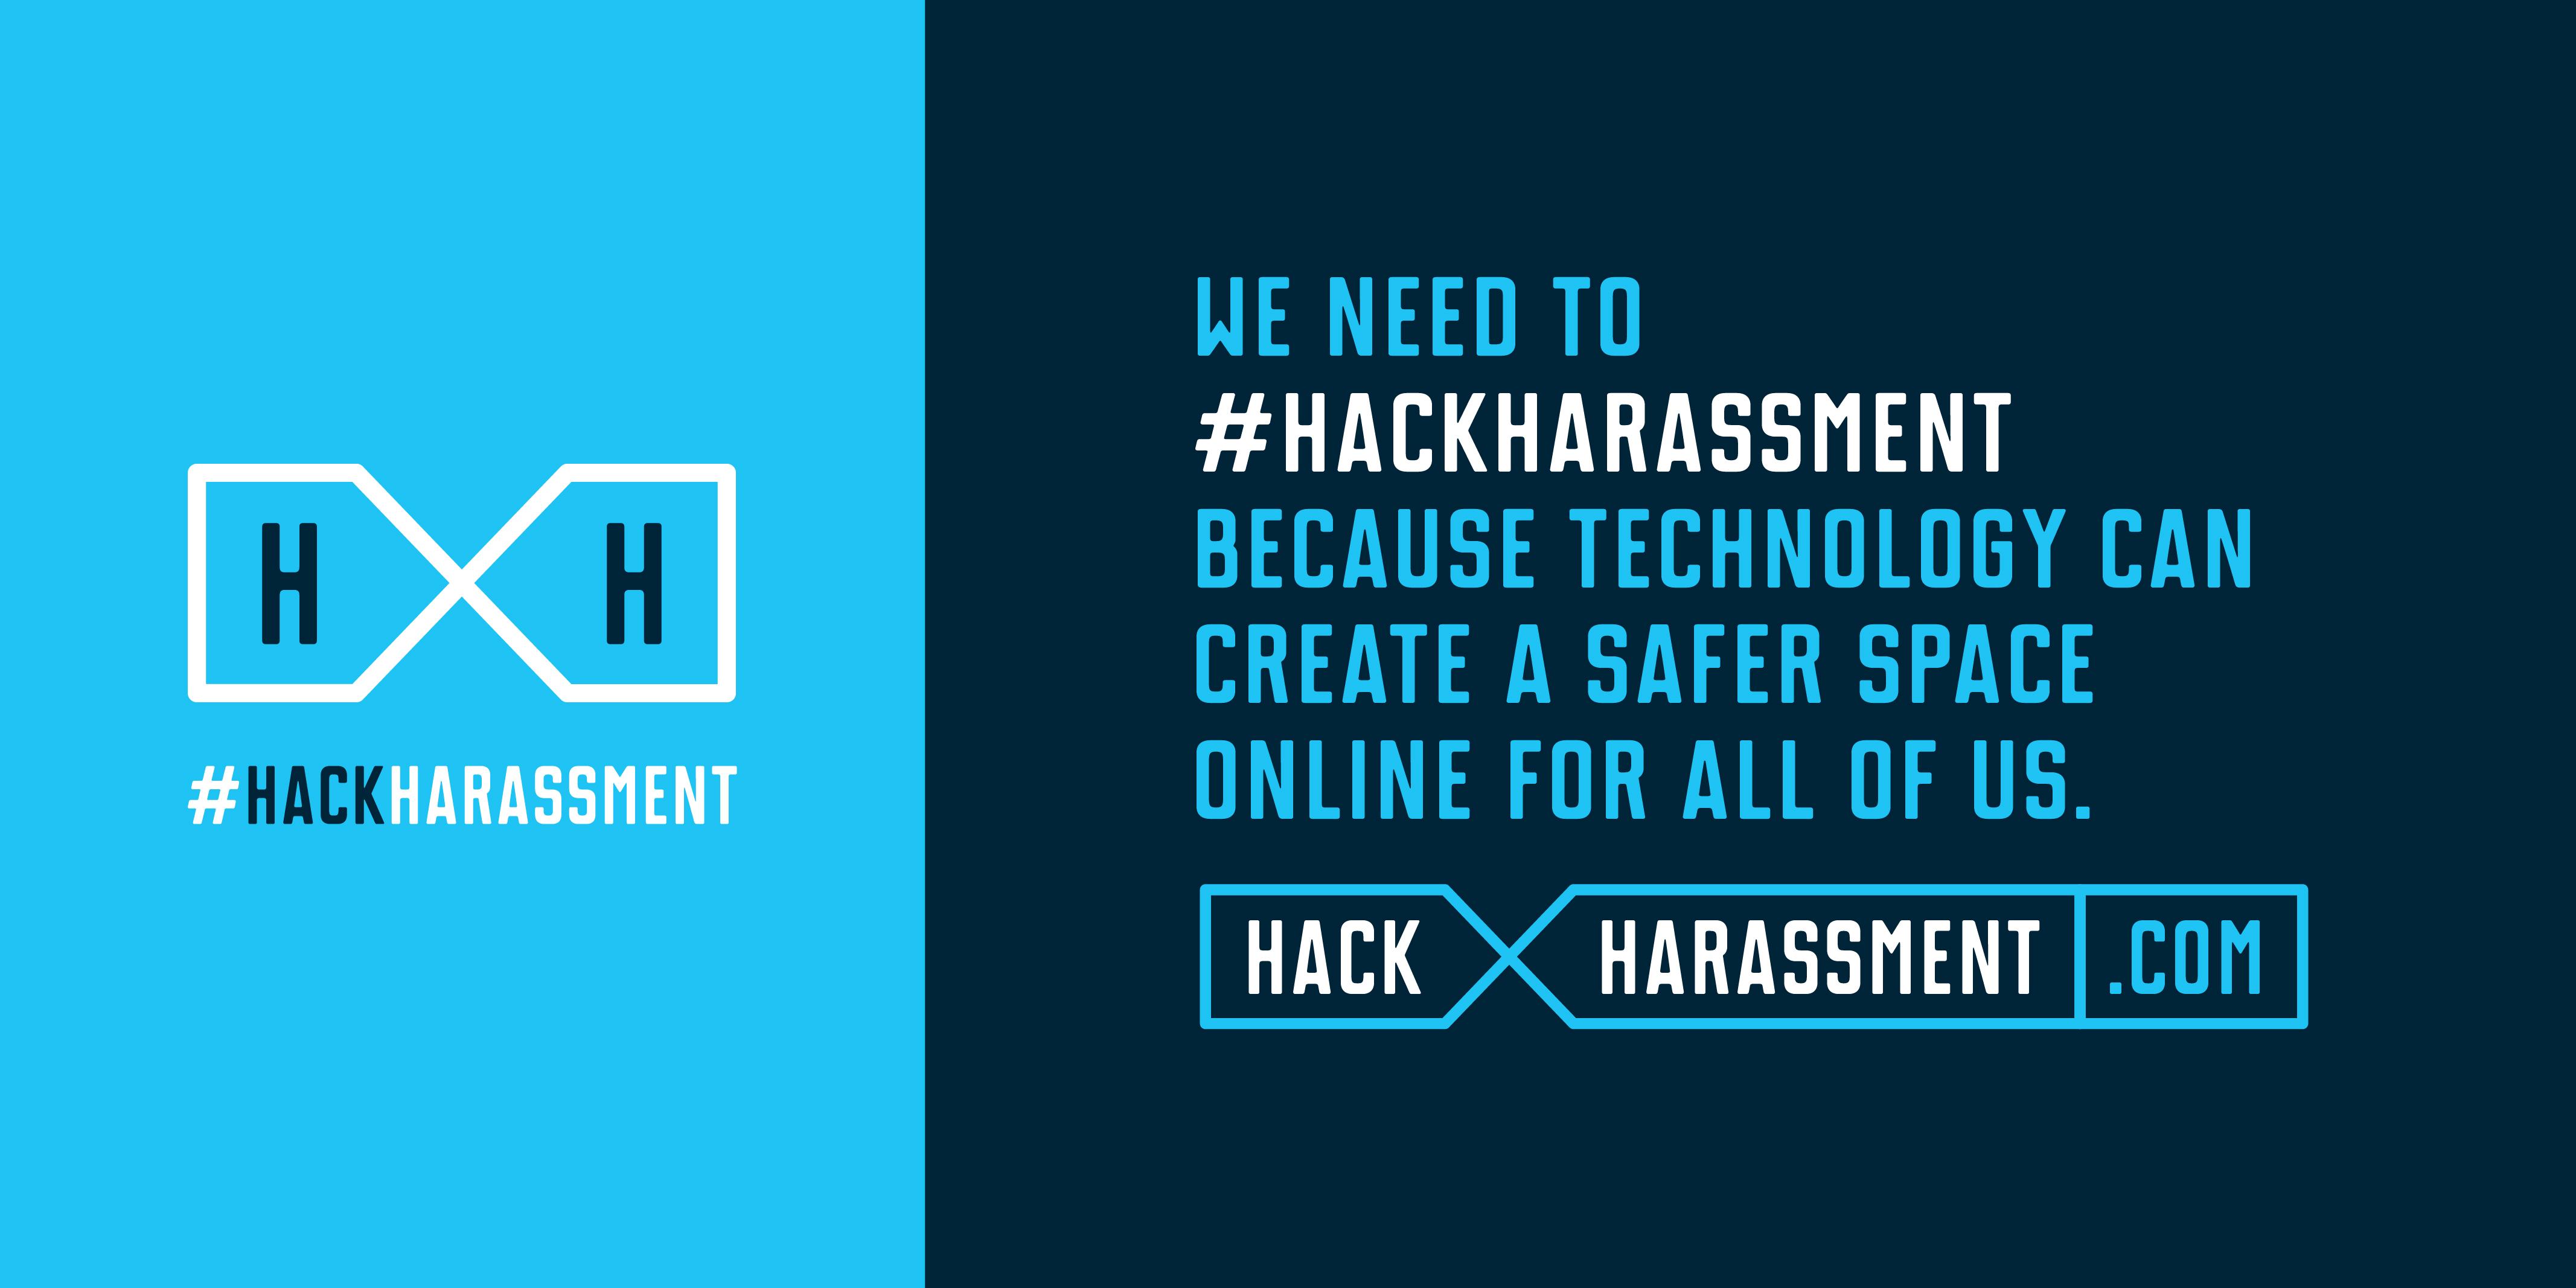 http://www.hackharassment.com